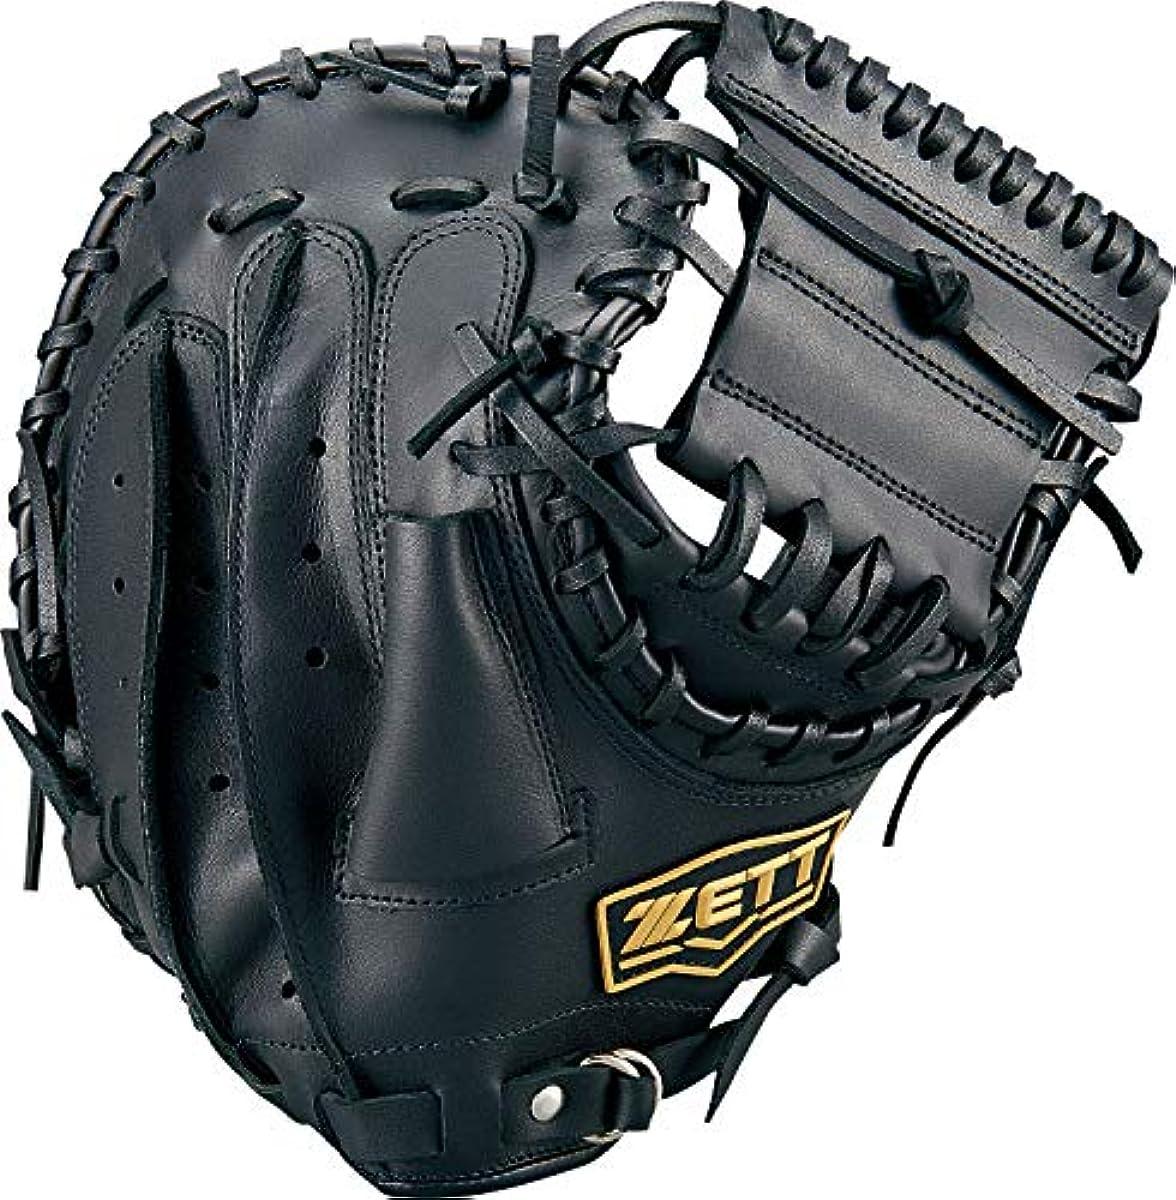 [해외] ZETT제트 연식 야구 소프트볼 겸용 라이 텍스 캐쳐 미트 블랙1900 오른쪽 던지기용용 BSCB56912